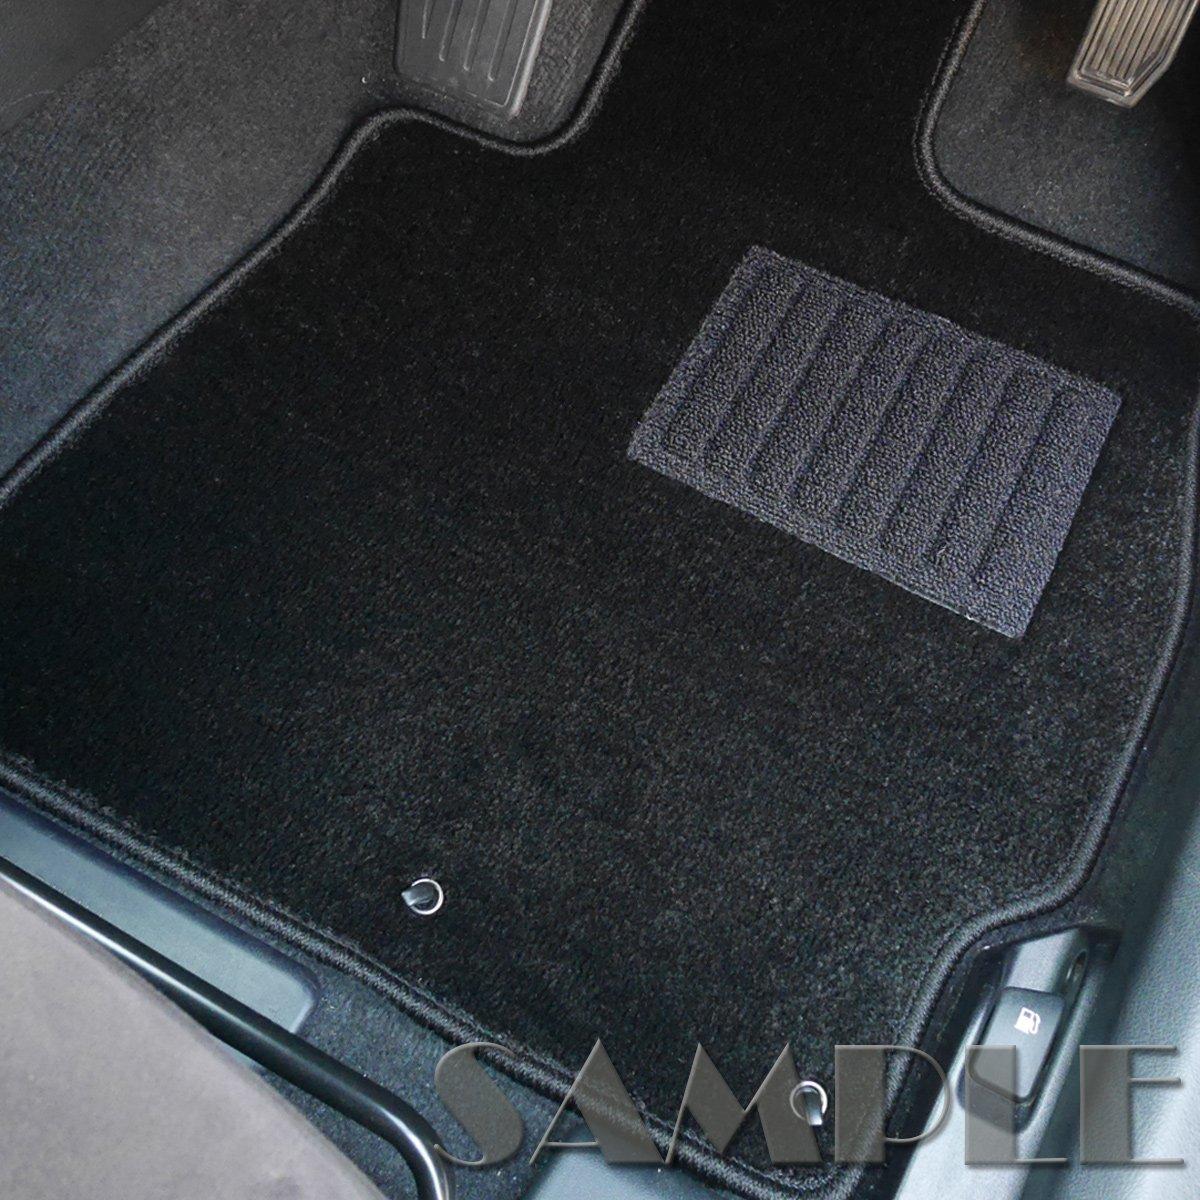 ホンダ NSX フロアマット [適応車種:平成2年9月~平成17年12月 左ハンドル]MAT-Plus【車種別専用設計社外品自動車マット】【プレミアム ブラック】 B076J8BHBC ブラック ブラック